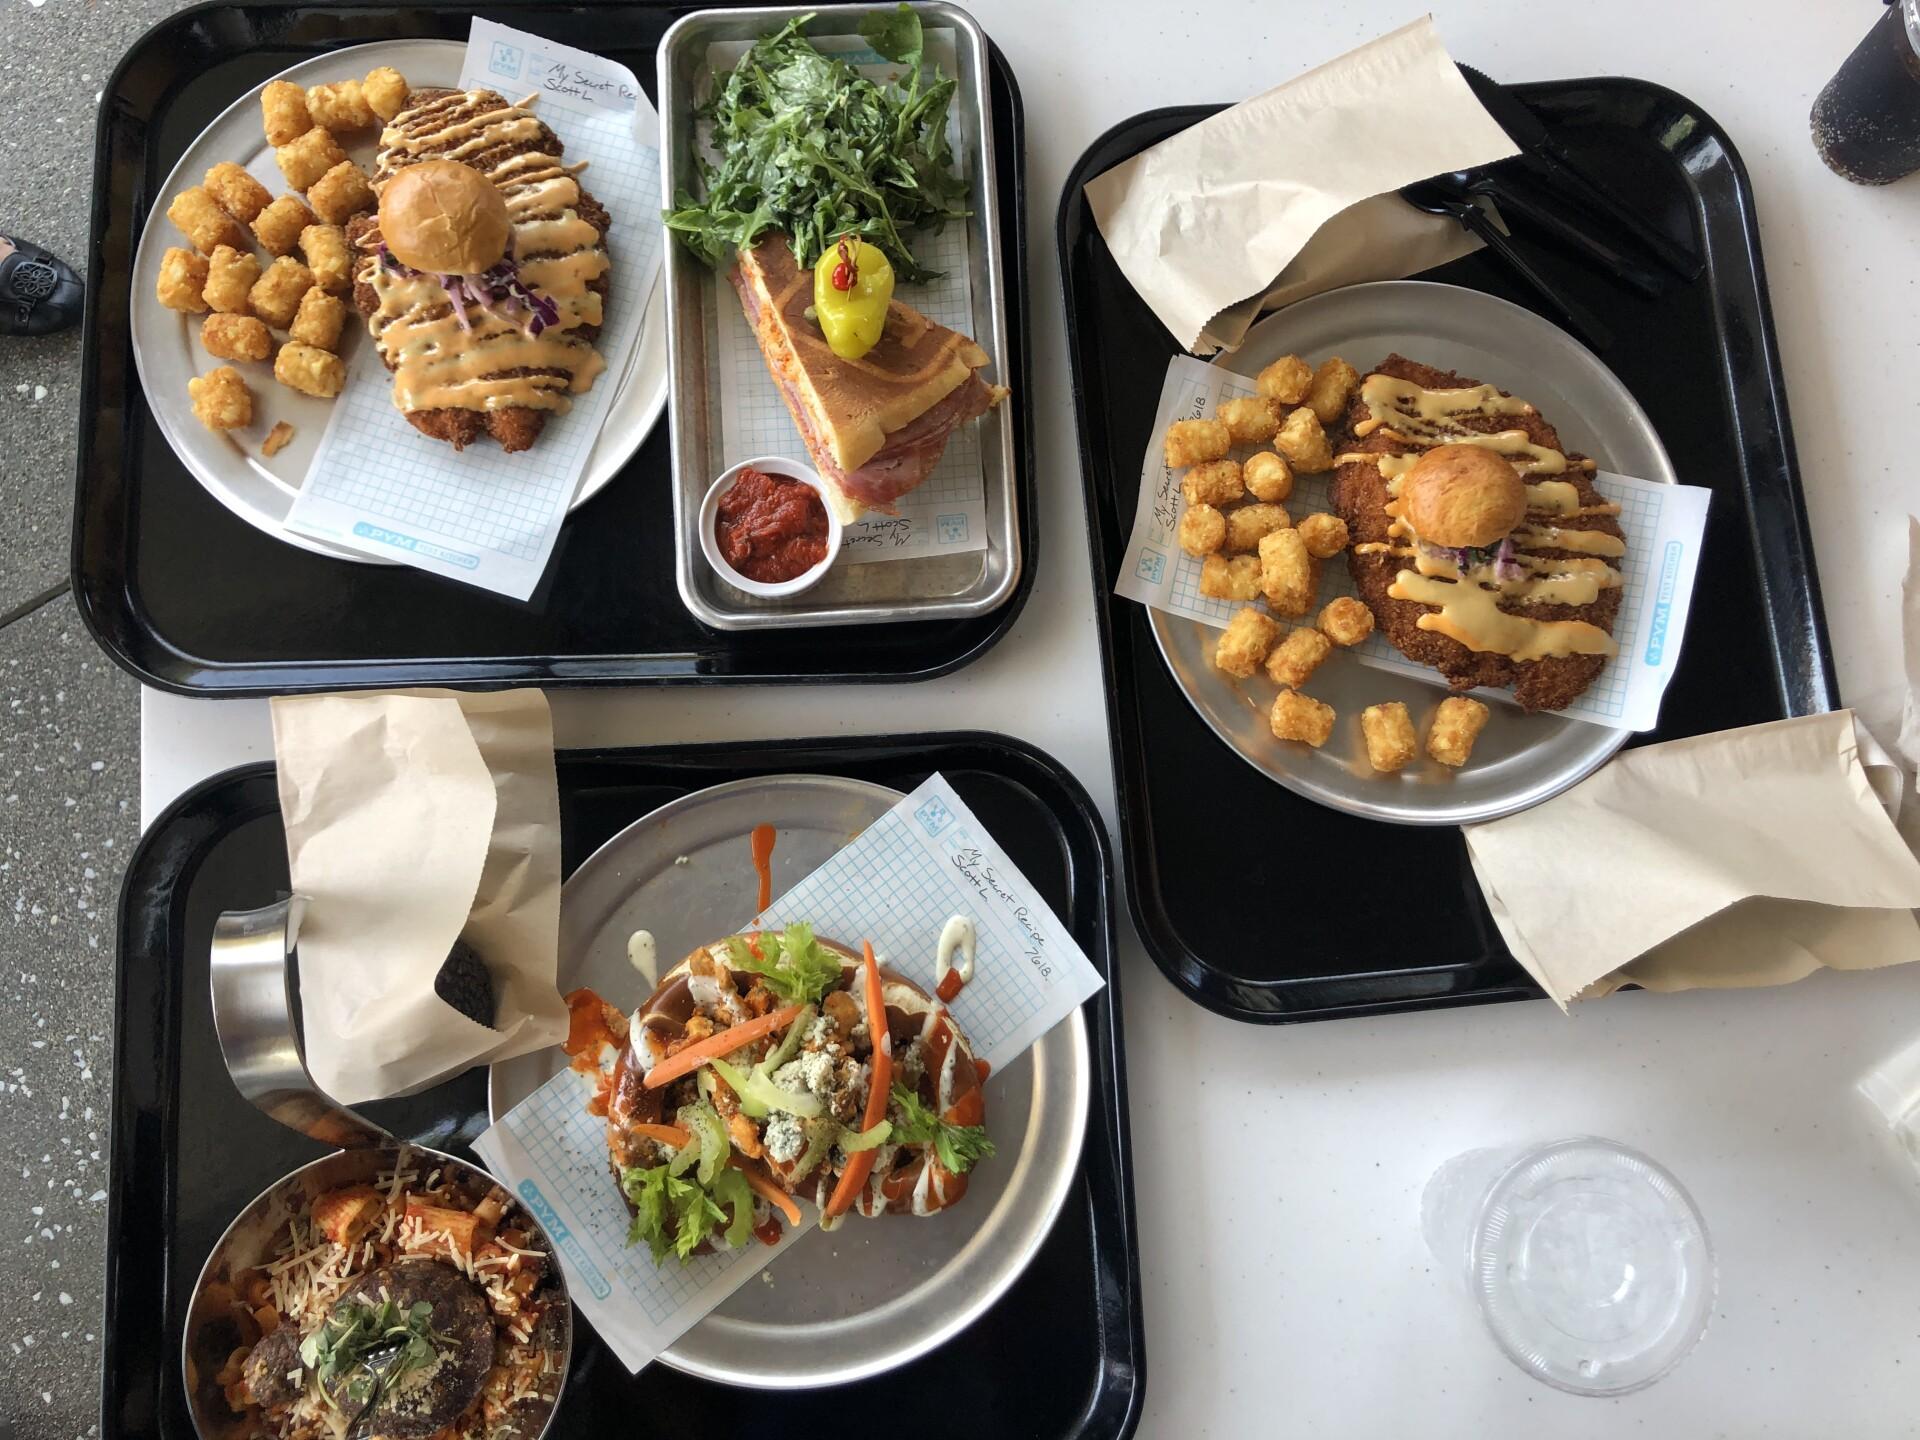 pym test kitchen food_2.JPG